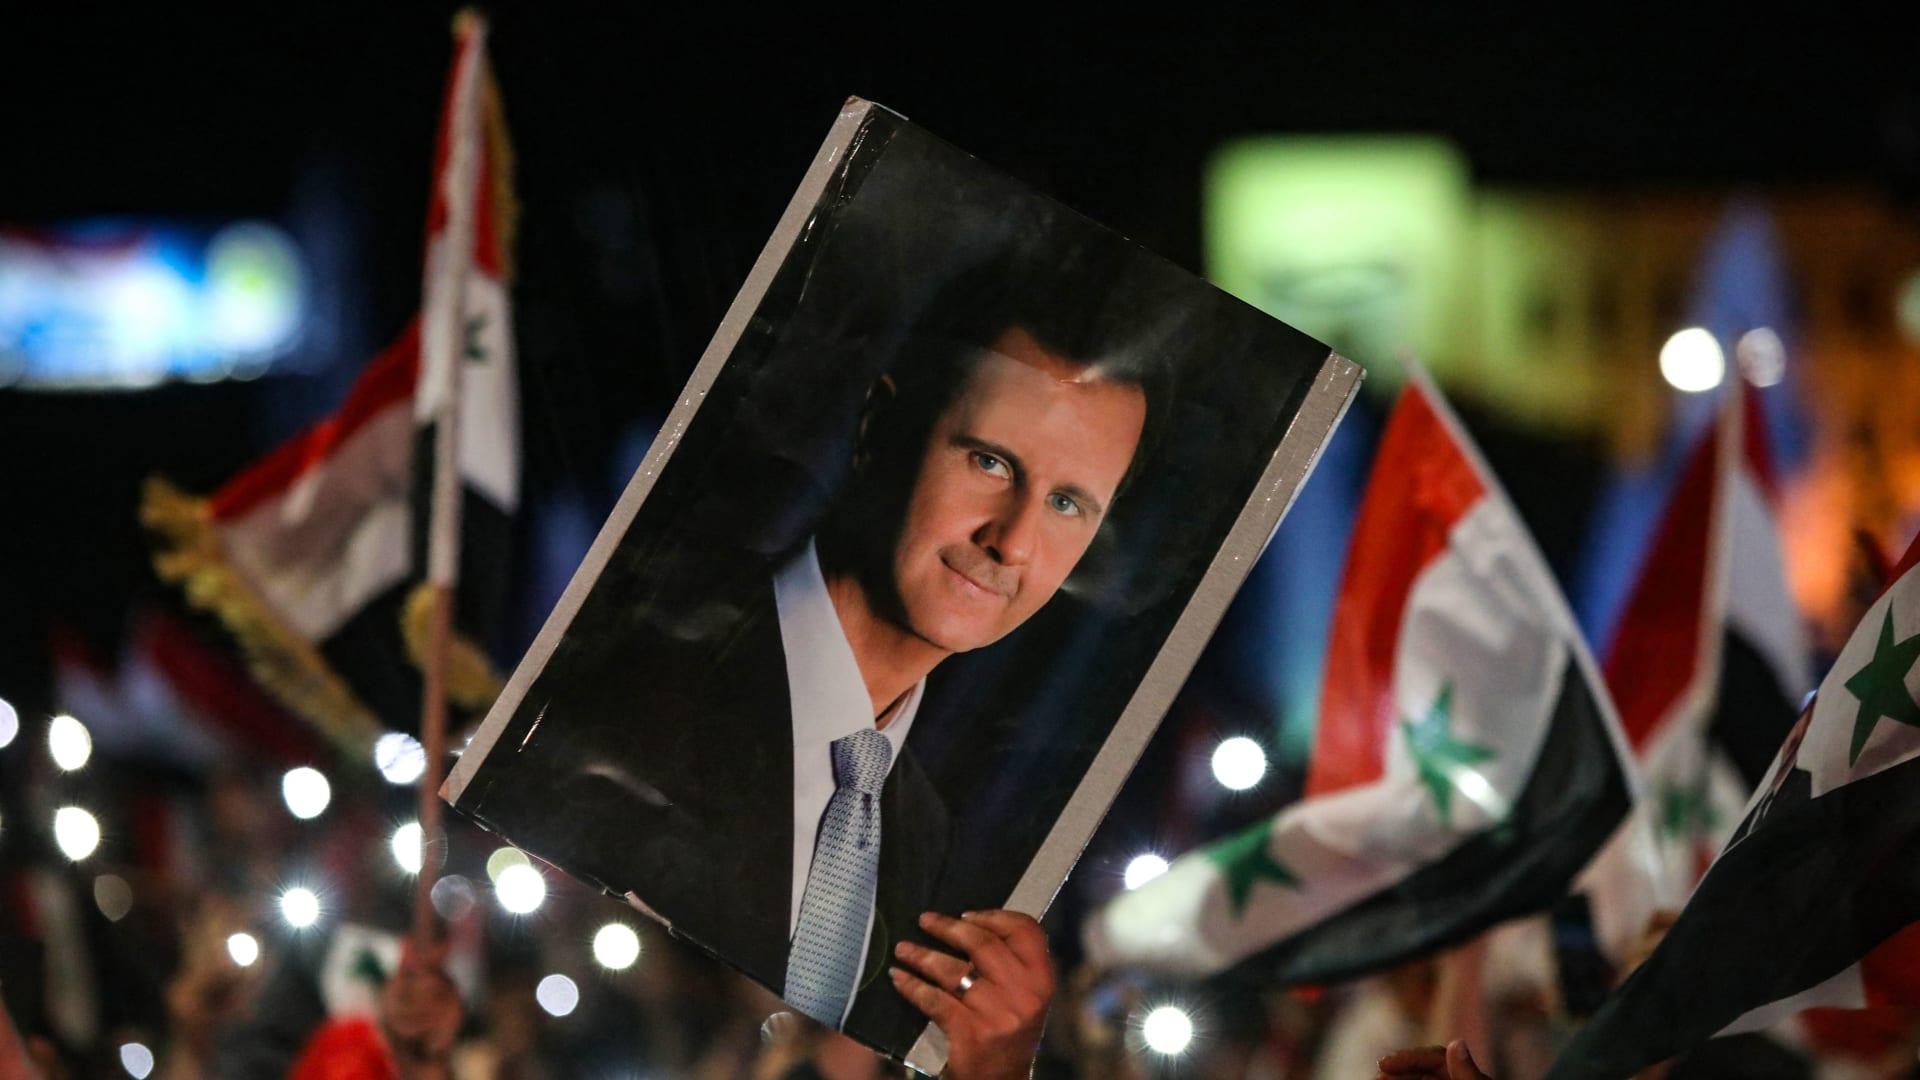 سوريا.. الأسد يصدر مرسوما برفع الأجور بنسبة 50% وزيادة الحد الأدنى لها